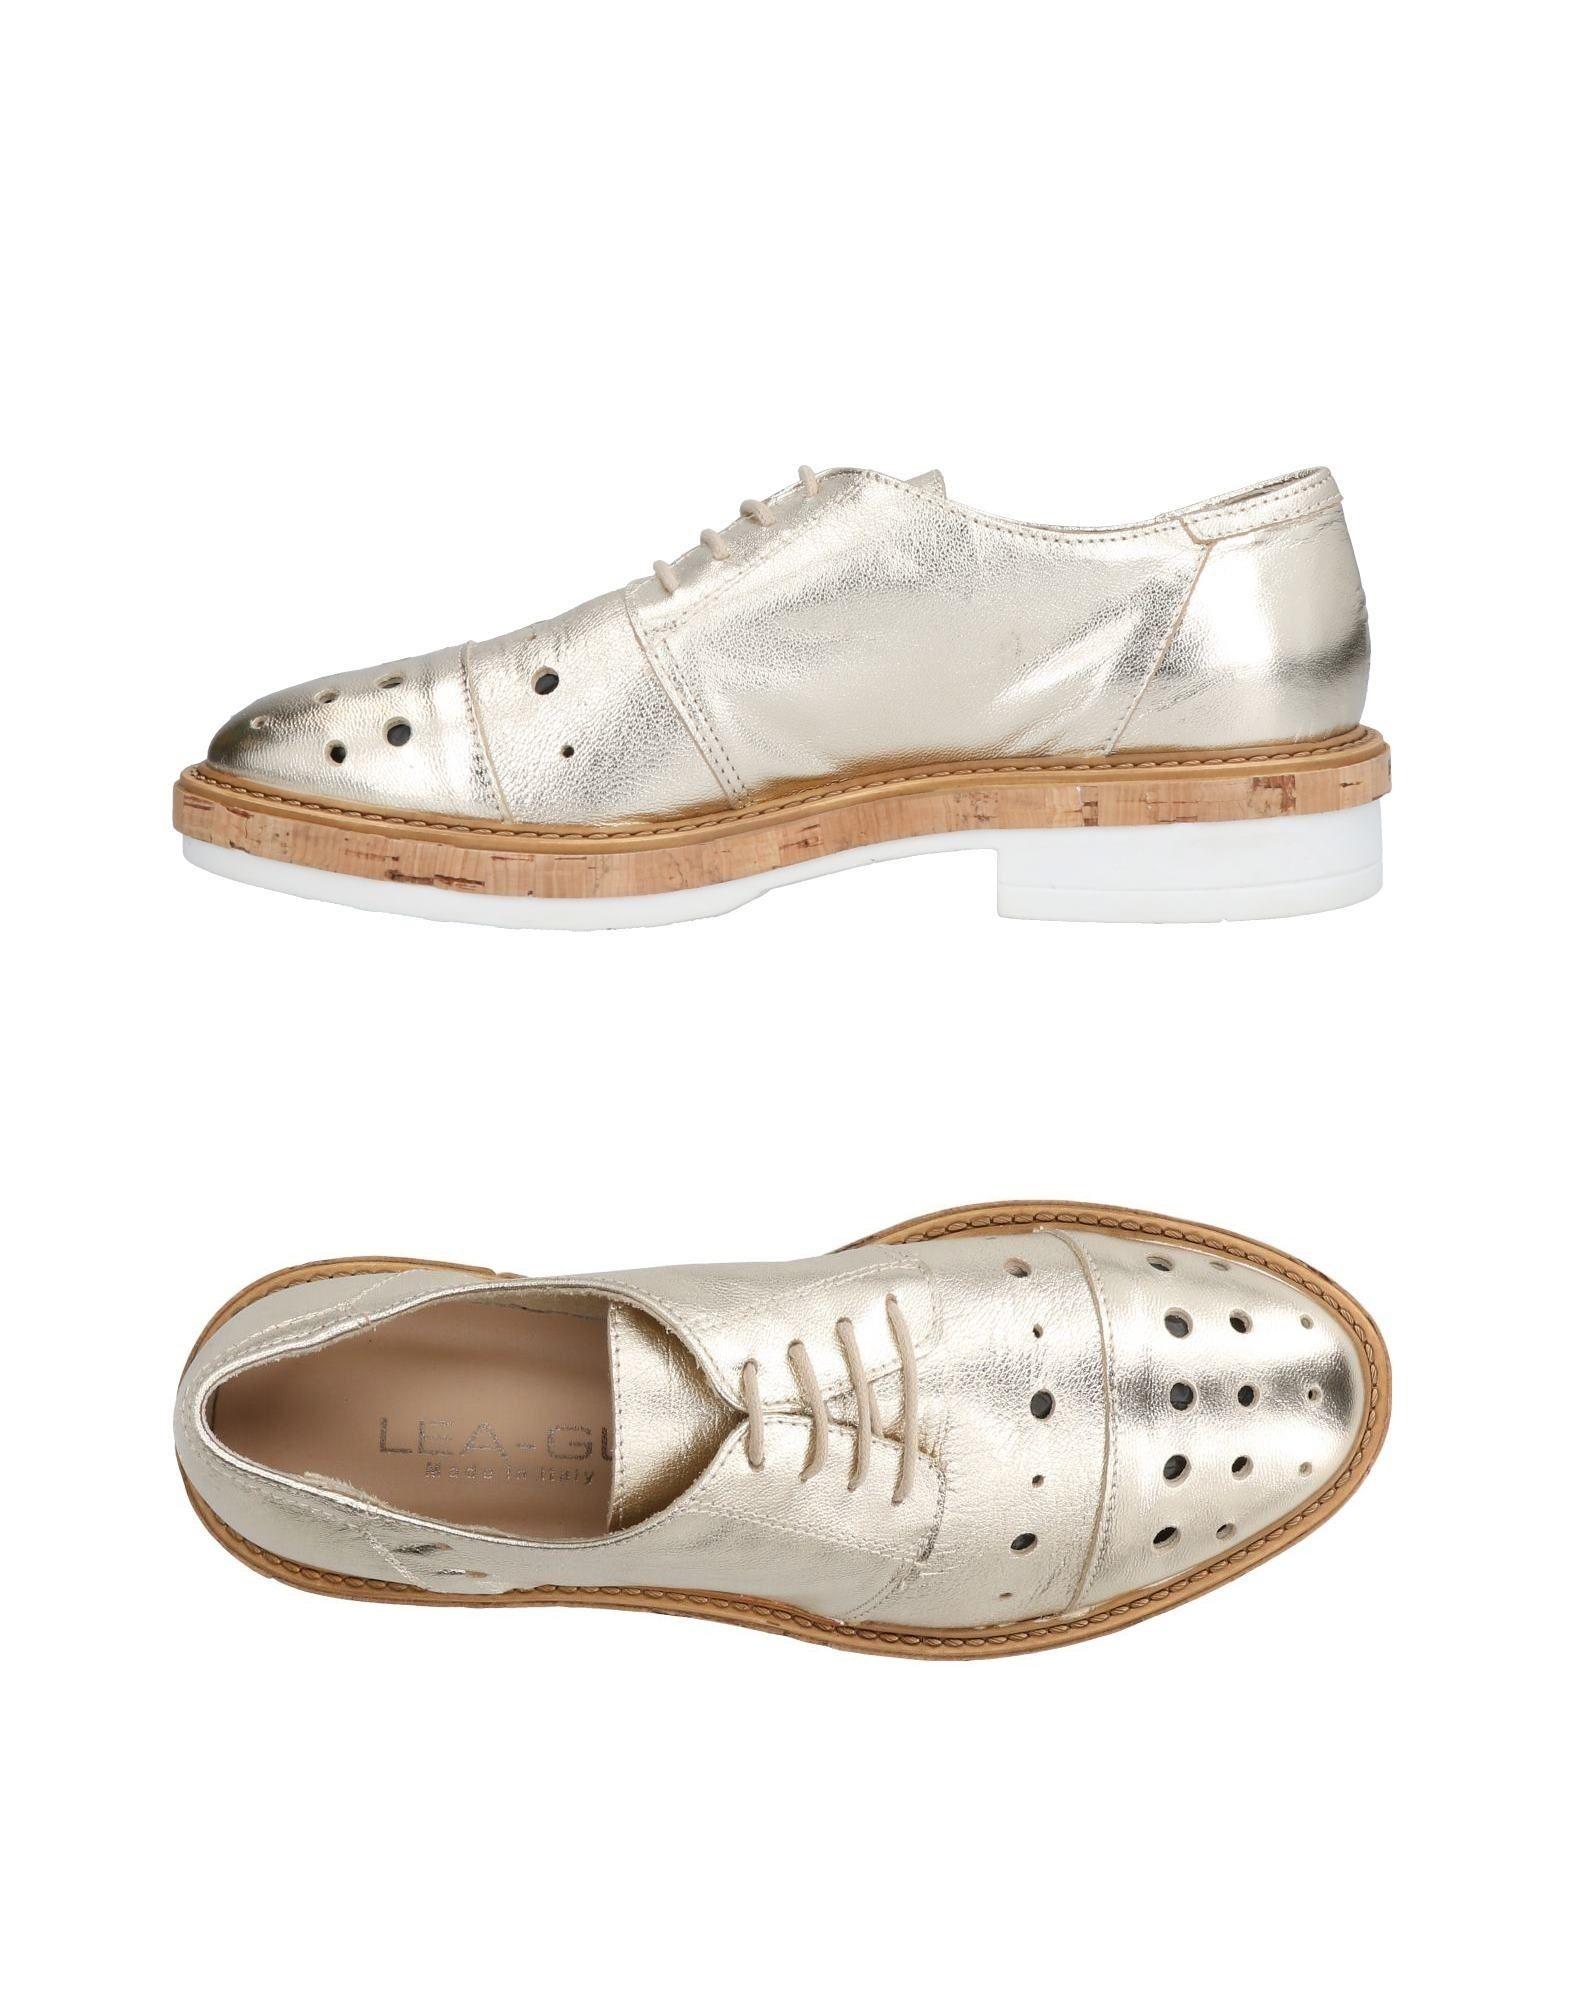 Recortes de precios estacionales, beneficios Lea-Gu de descuento Zapato De Cordones Lea-Gu beneficios Mujer - Zapatos De Cordones Lea-Gu  Platino 490ee7